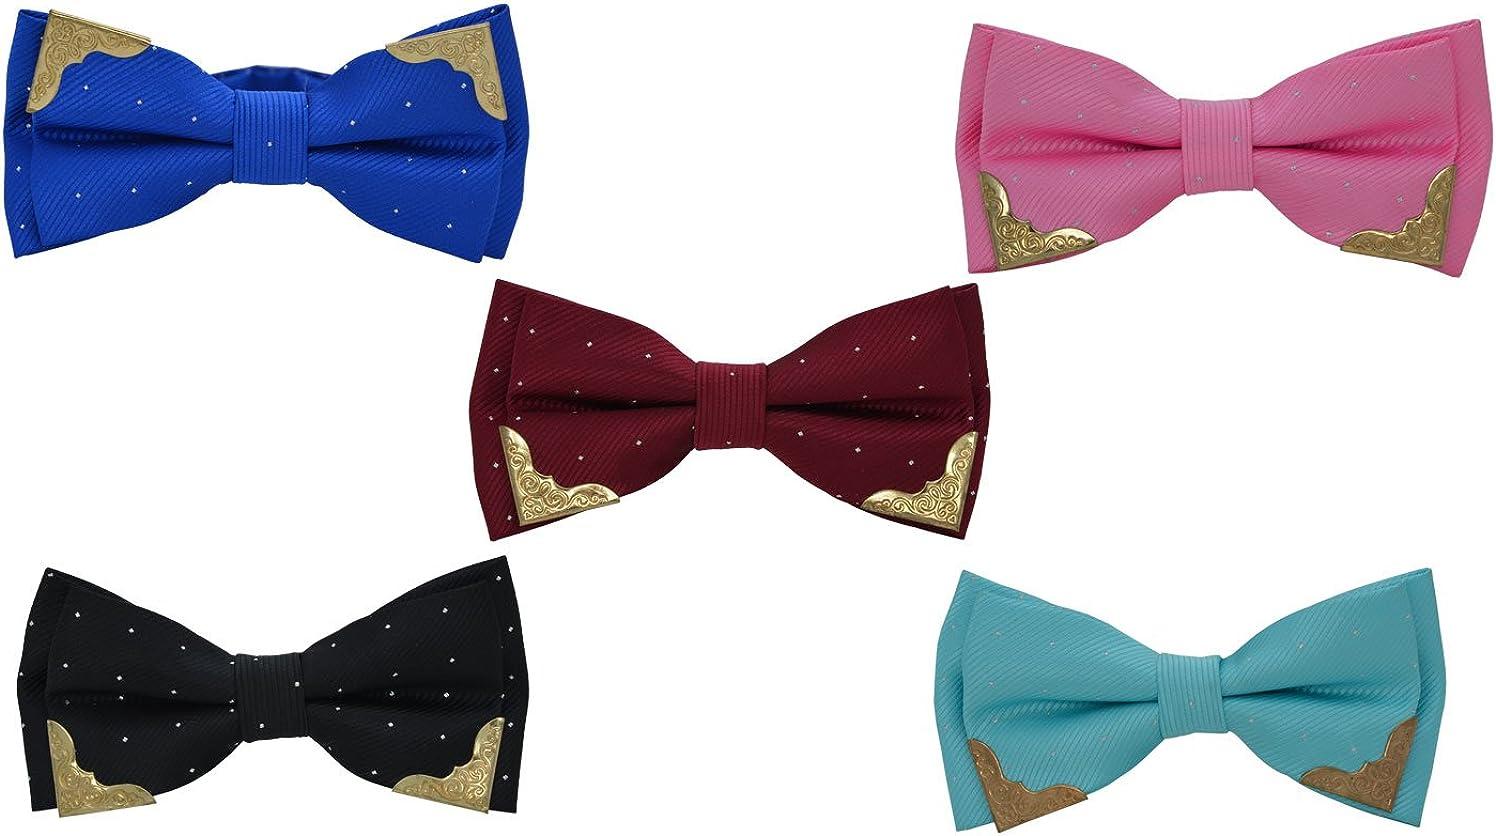 SYAYA 5pcs Adjustable Bow Ties for Men Pre Tied Bowtie Party Wedding Tuxedo Tie NT03